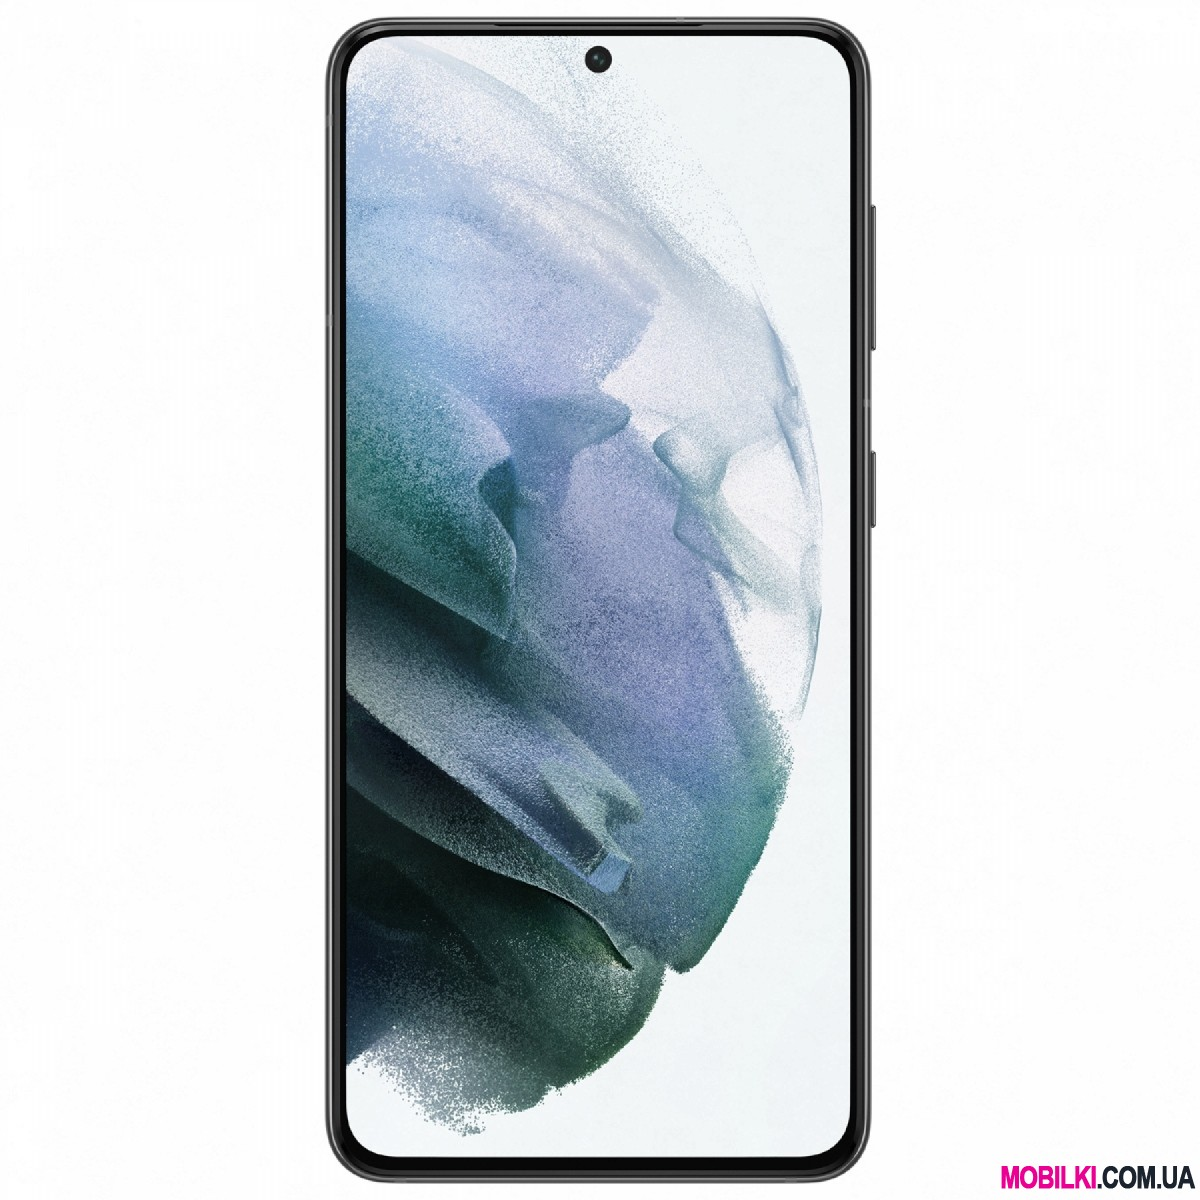 Samsung Galaxy S21 8/128Gb